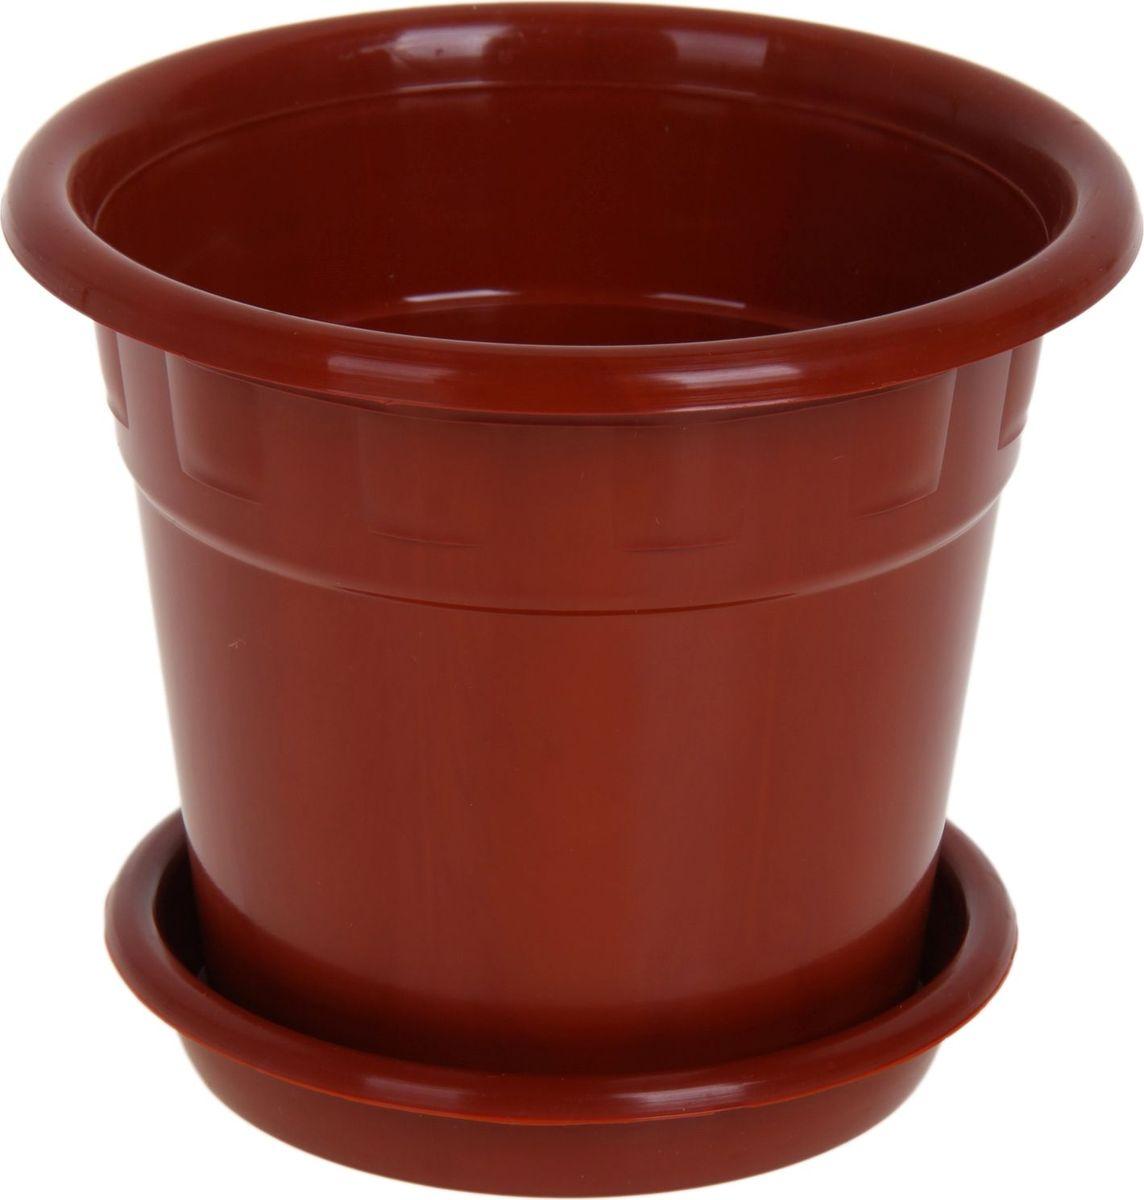 Горшок для цветов Пластик, с поддоном, цвет: коричневый, 4 л1178569Горшок для цветов Пластик обладает малым весом и высокой прочностью. С лёгкостью переносите горшки и кашпо с места на место, ставьте их на столики или полки, подвешивайте под потолок, не беспокоясь о нагрузке. Пластиковые изделия не нуждаются в специальных условиях хранения. Их легко чистить - достаточно просто сполоснуть тёплой водой.Пластиковые кашпо не царапают и не загрязняют поверхности, на которых стоят. Пластик дольше хранит влагу, а значит растение реже нуждается в поливе. Пластмасса не пропускает воздух, а значит, корневой системе растения не грозят резкие перепады температур.Соблюдая нехитрые правила ухода, вы можете заметно продлить срок службы горшков, вазонов и кашпо из пластика: - всегда учитывайте размер кроны и корневой системы растения (при разрастании большое растение способно повредить маленький горшок).- берегите изделие от воздействия прямых солнечных лучей, чтобы кашпо и горшки не выцветали.- держите кашпо и горшки из пластика подальше от нагревающихся поверхностей.Любой, даже самый современный и продуманный интерьер будет не завершённым без растений. Они не только очищают воздух и насыщают его кислородом, но и заметно украшают окружающее пространство. Такому полезному члену семьи просто необходимо красивое и функциональное кашпо, оригинальный горшок или необычная ваза!